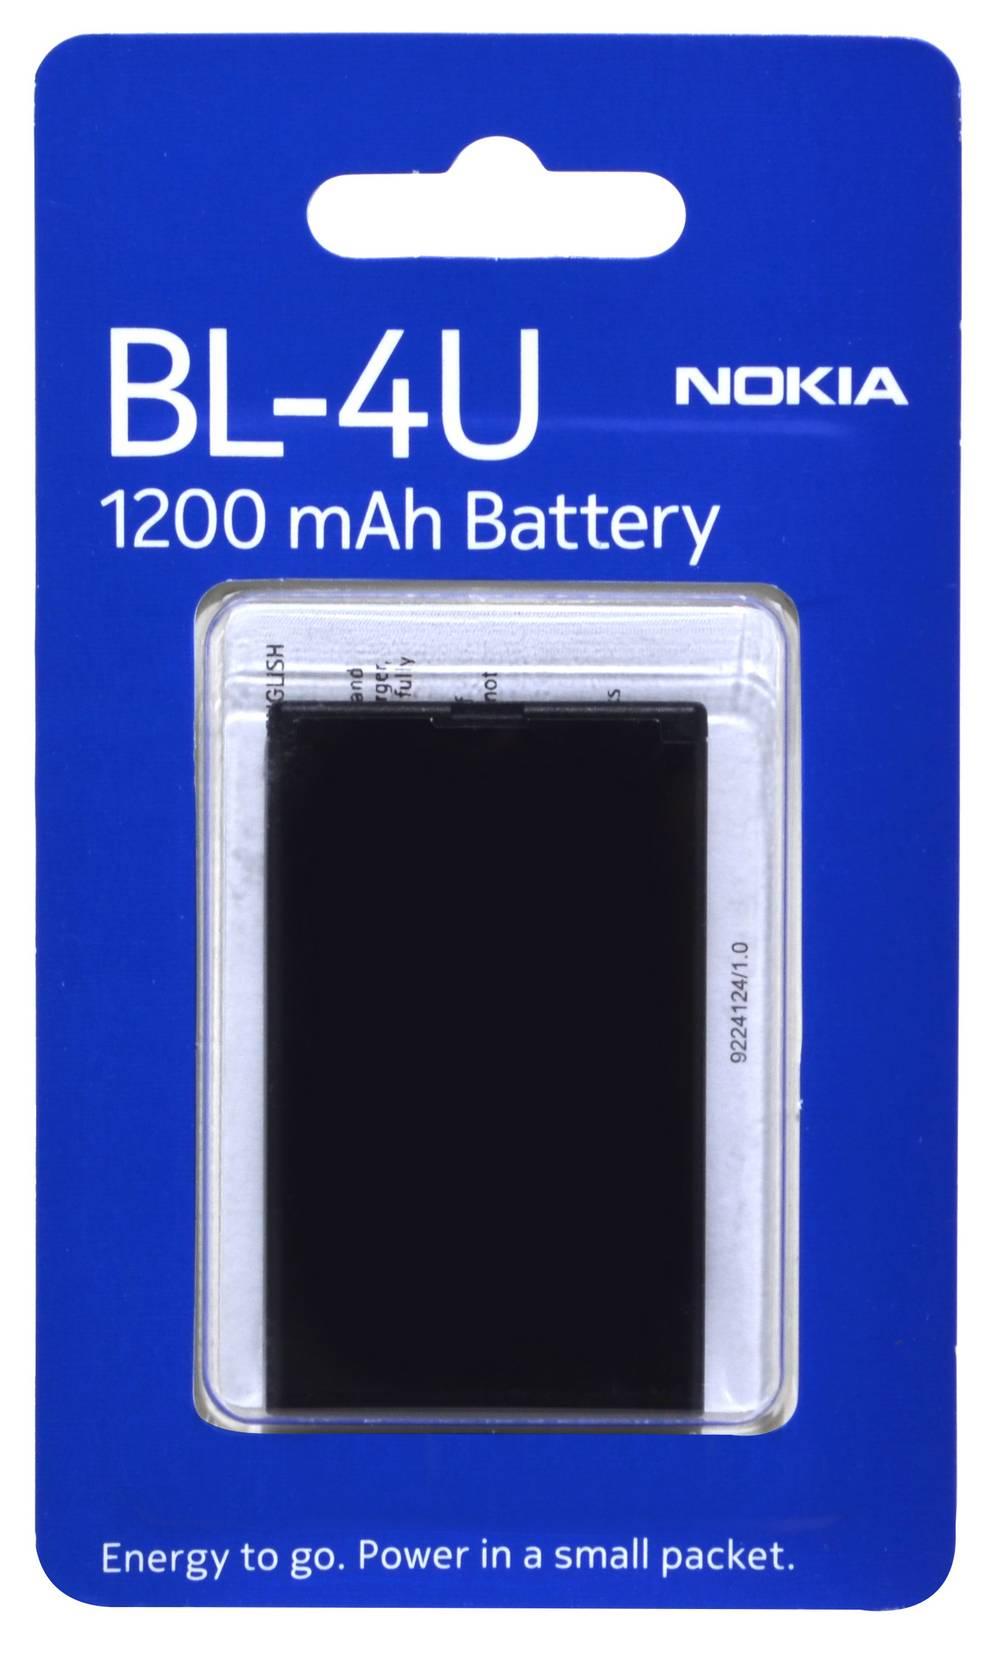 Μπαταρία Nokia BL-4U για Asha 300